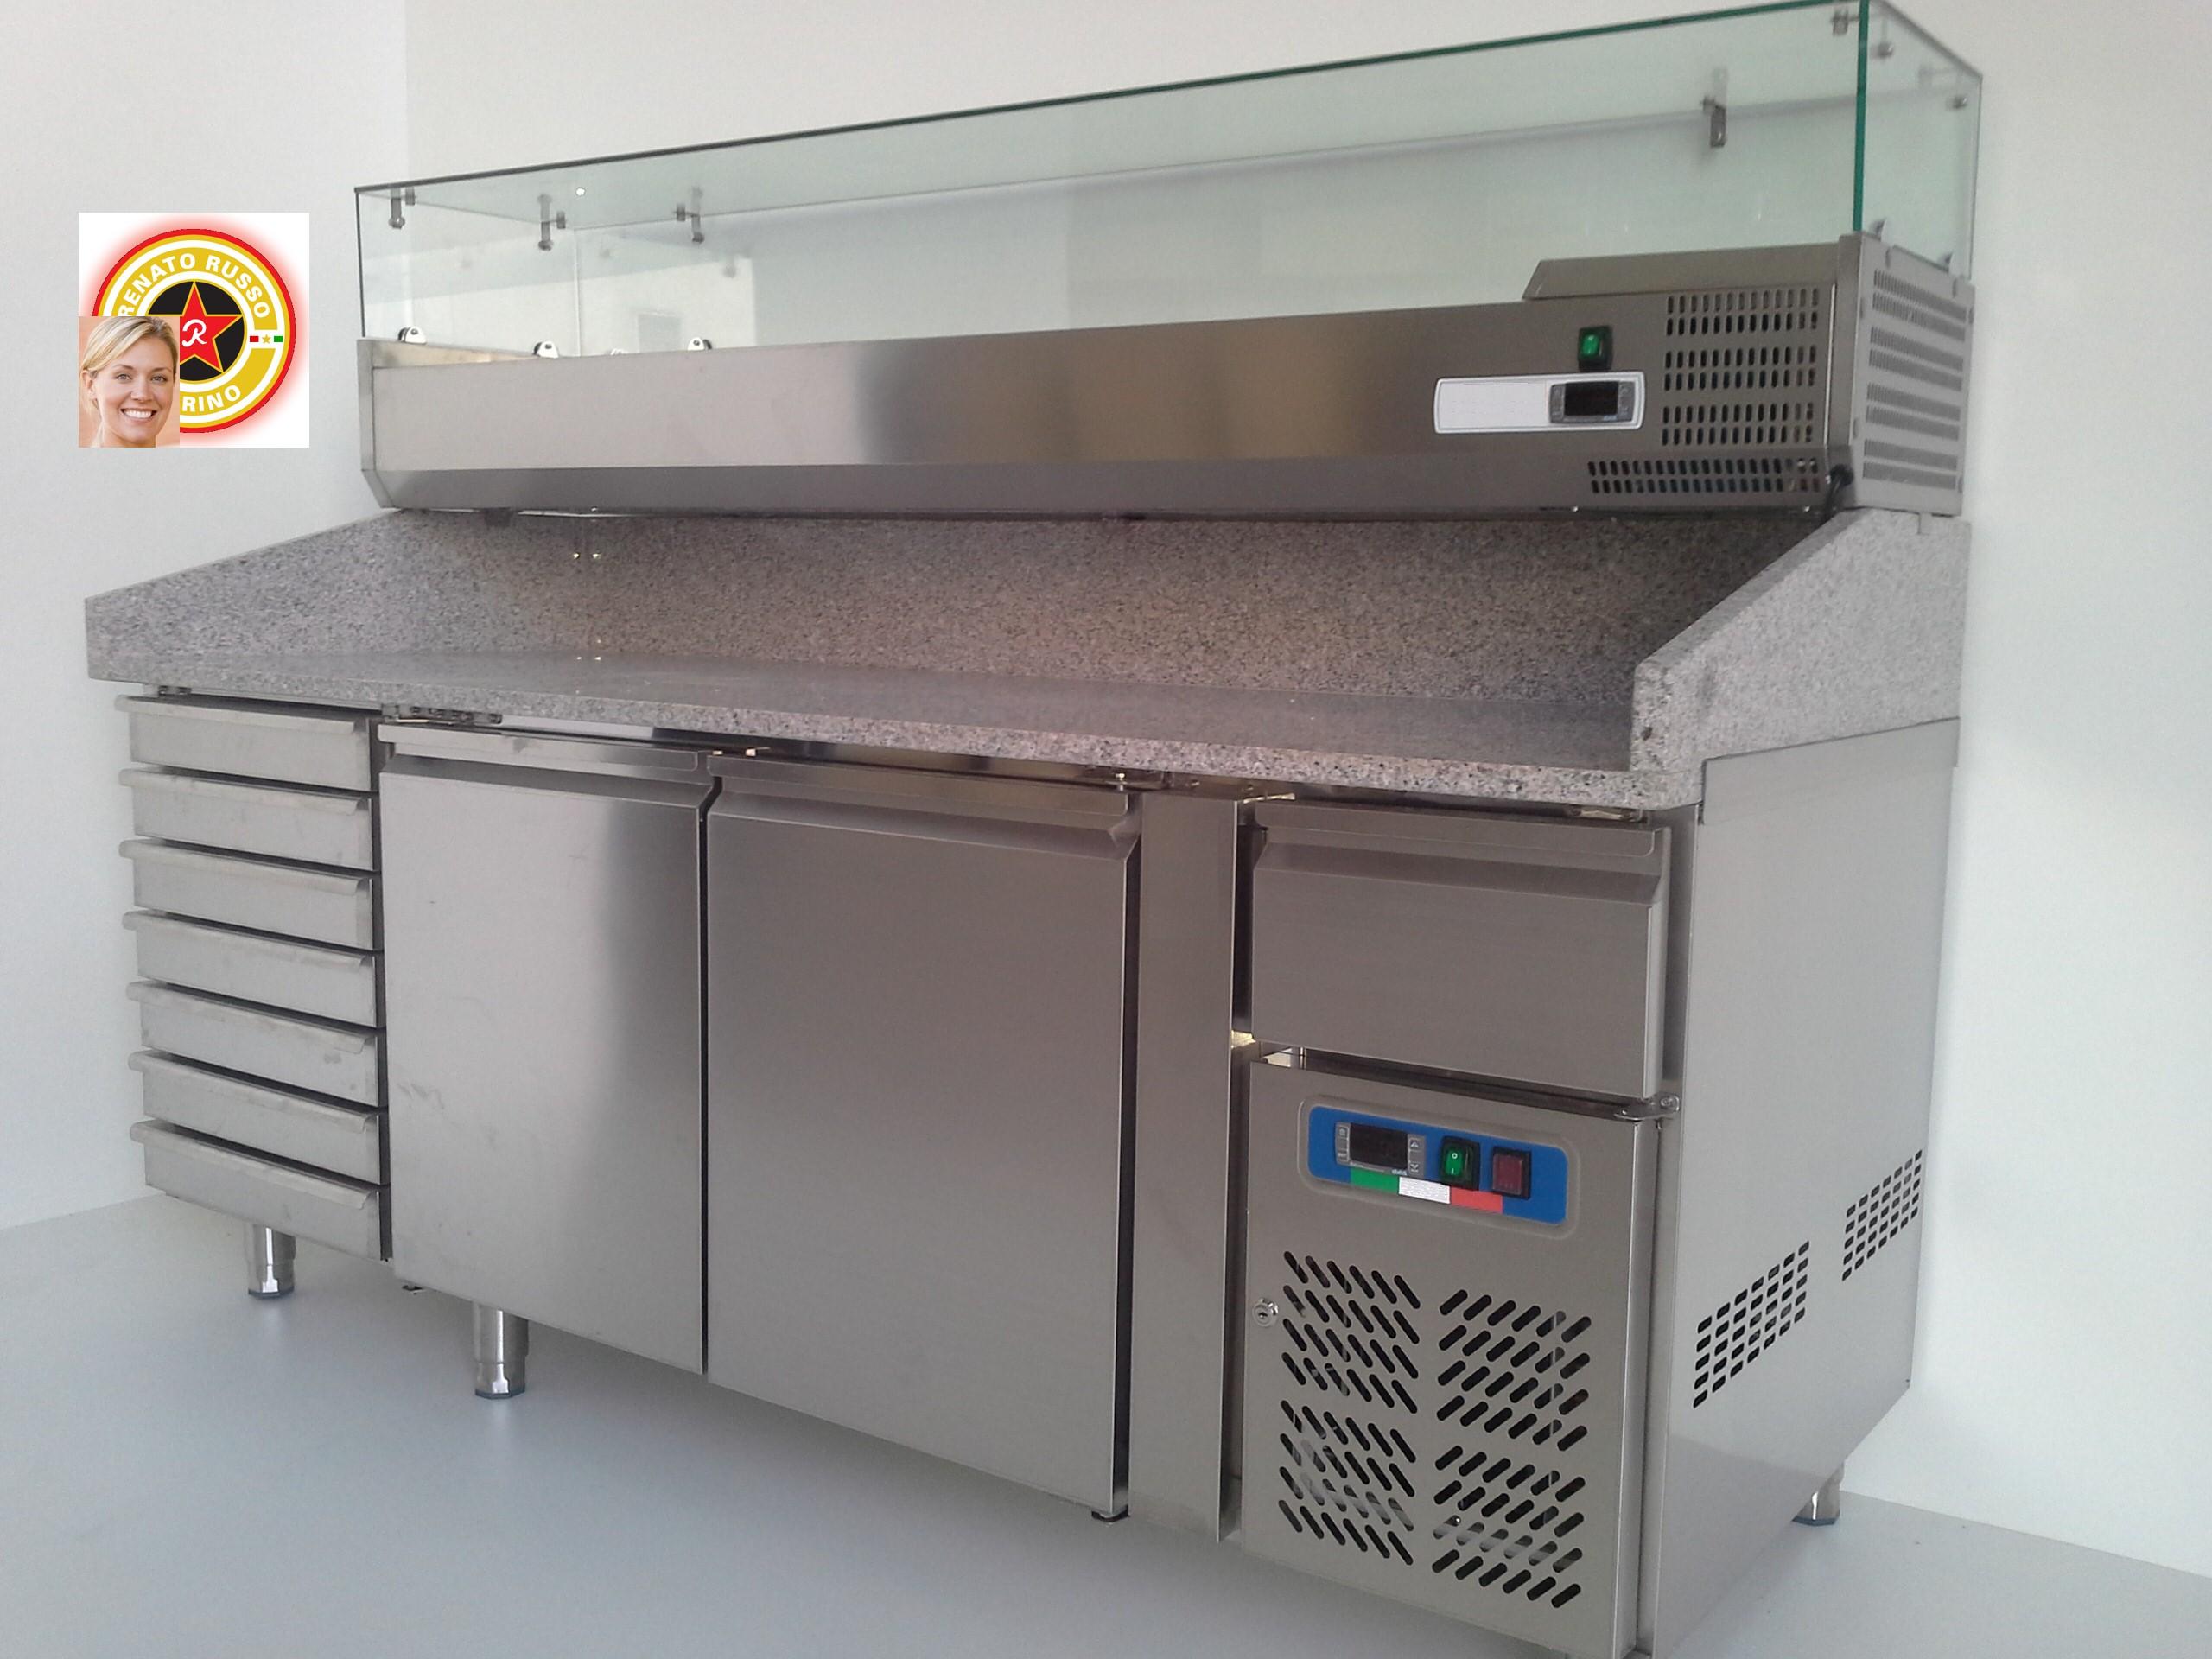 Banchi frigo dal 1980 produttori di banchi frigo for Renato russo arredamenti